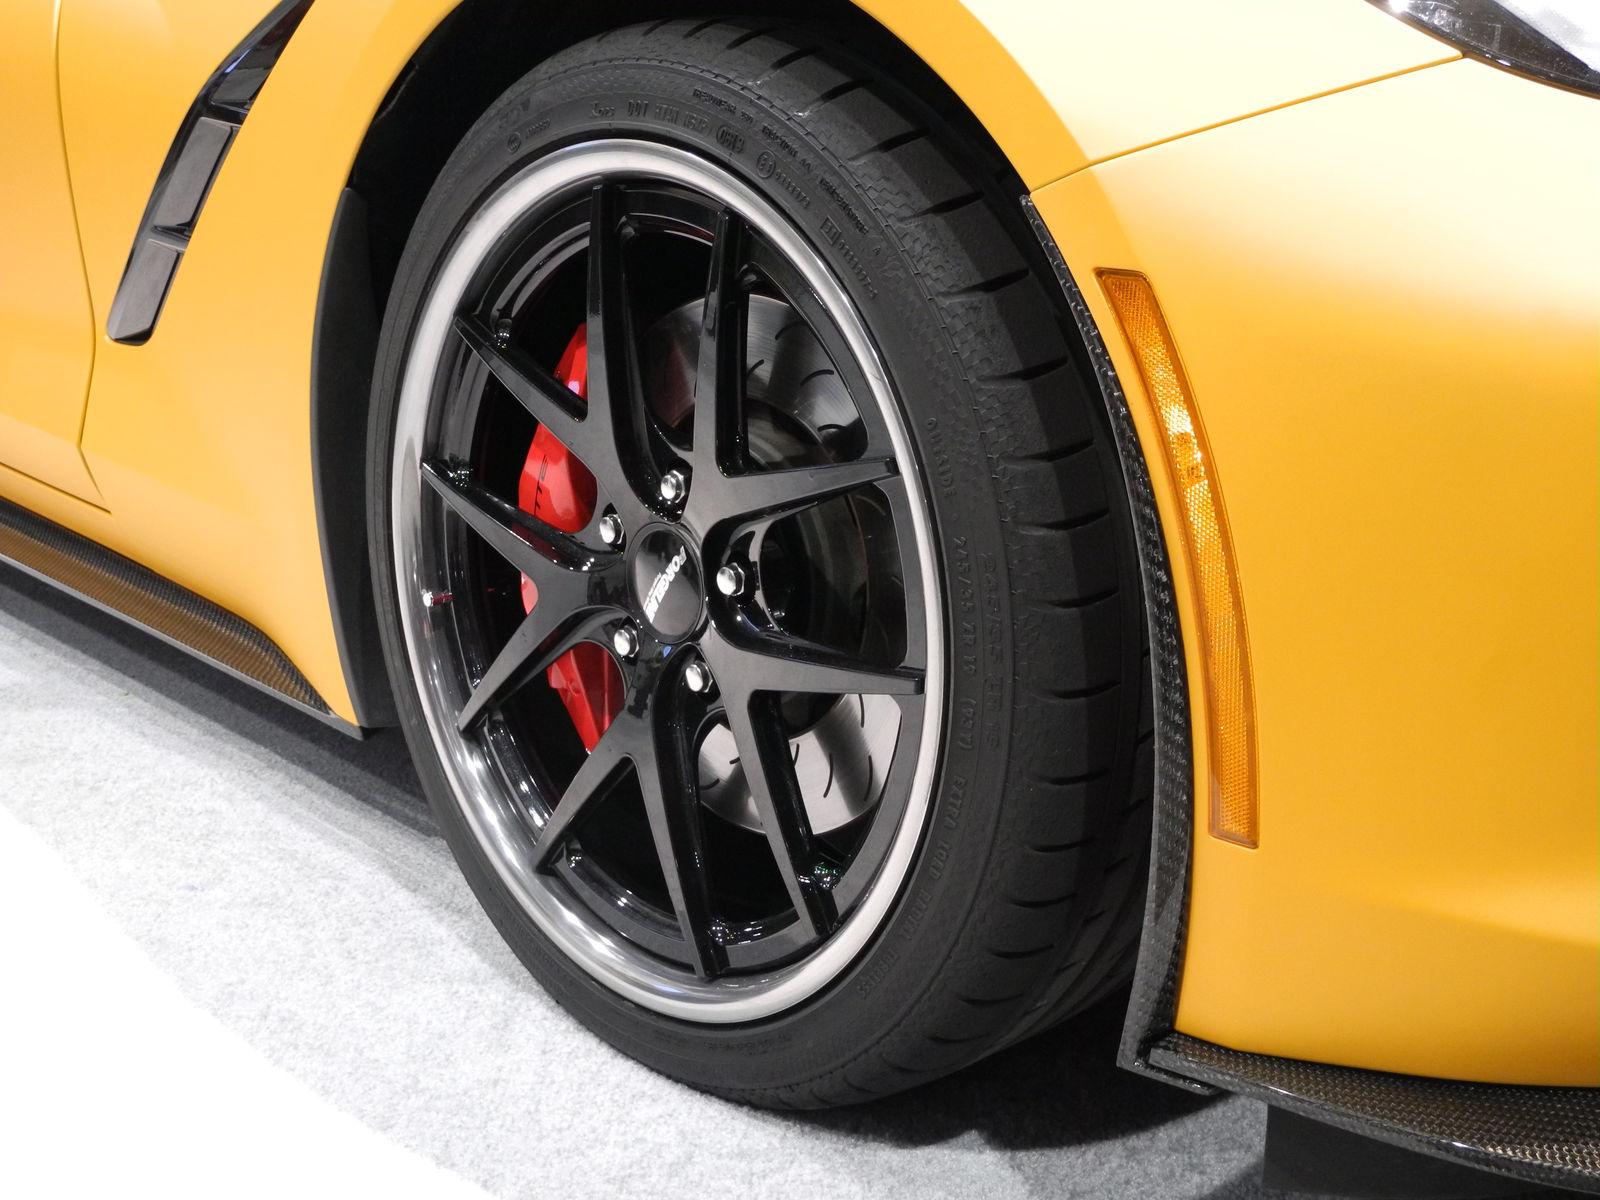 2014 Chevrolet Corvette Stingray | Lingenfelter's C7 Corvette on Forgeline VX3C Wheels at SEMA 2014